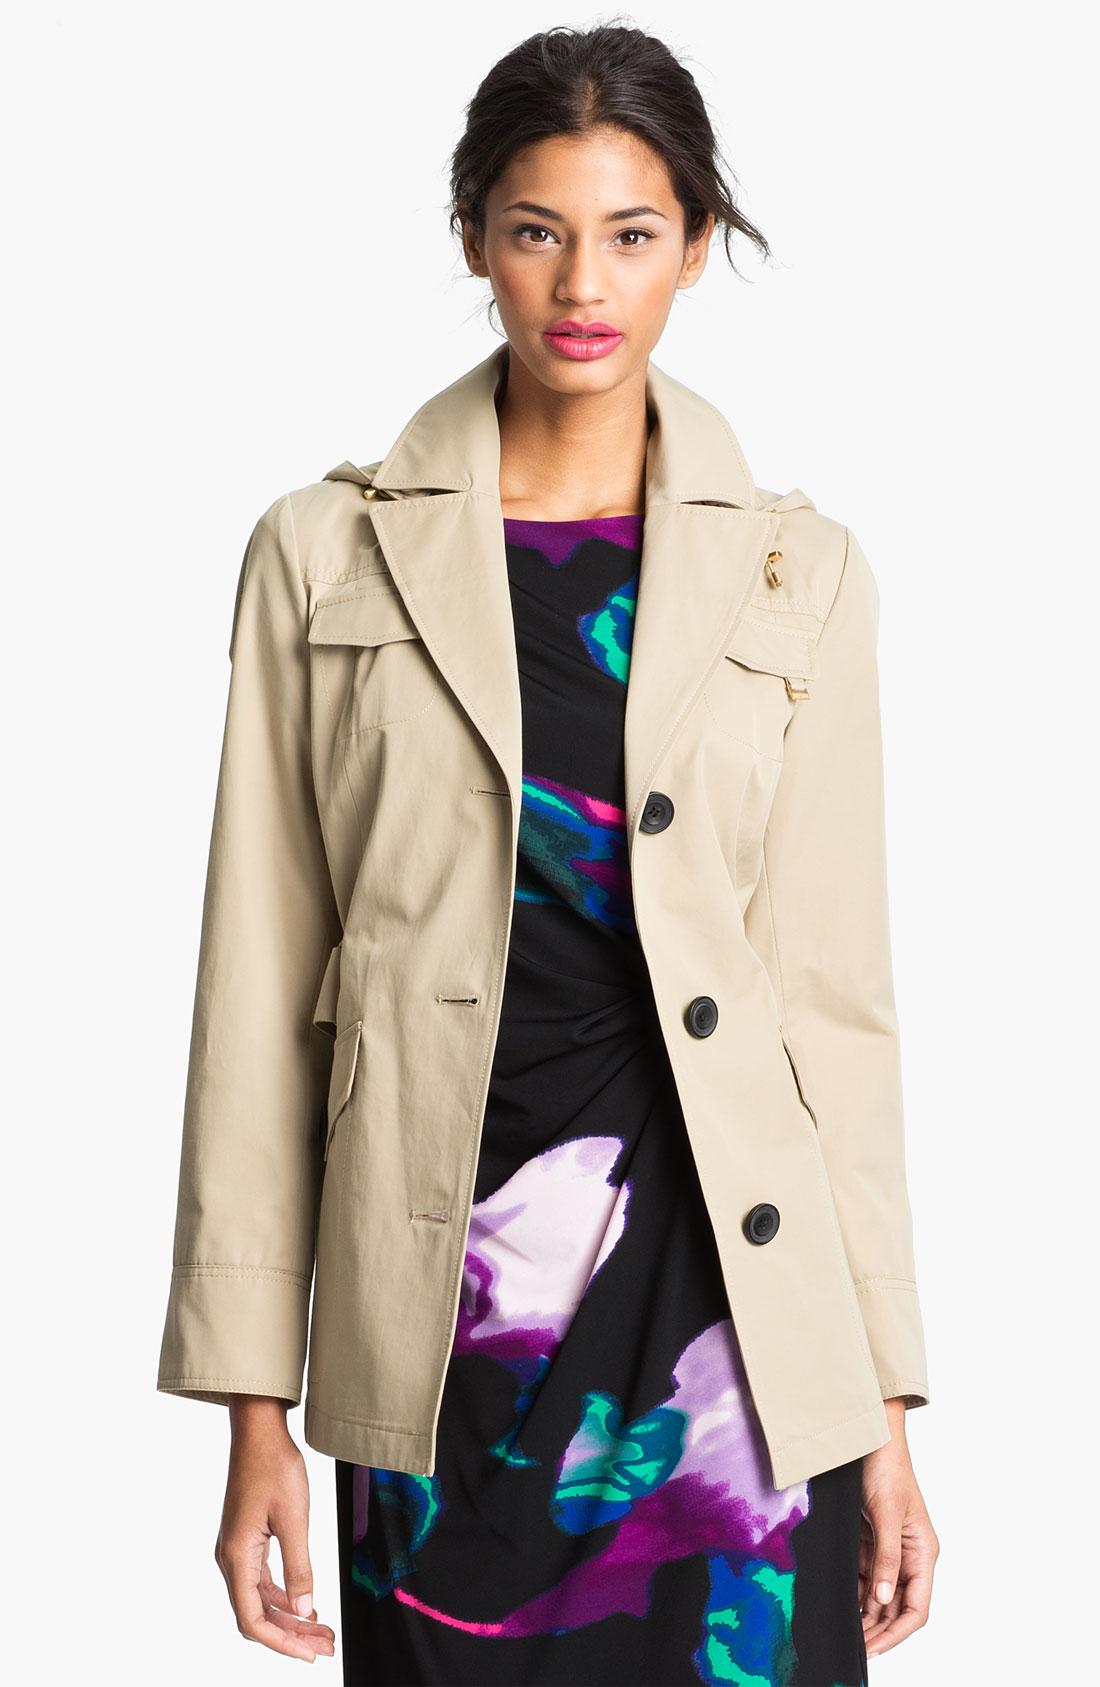 Ellen Tracy Short Trench Coat Nordstrom Exclusive in Khaki